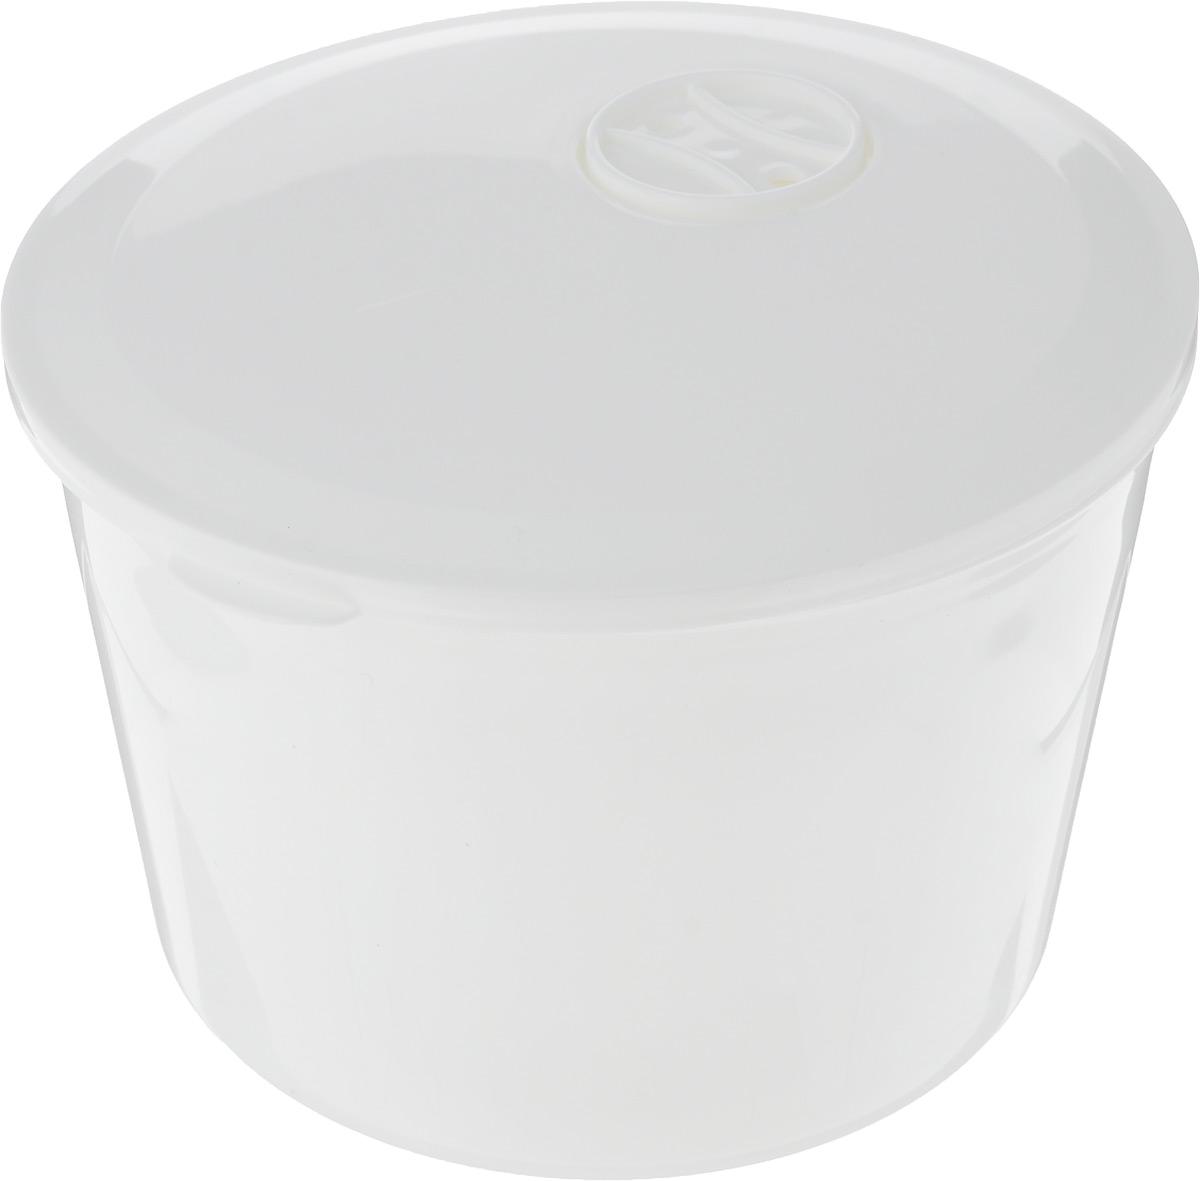 """Контейнер для обеда """"HITT"""" выполнен из качественного пищевого пластика. Контейнер очень вместительный и вмещает в себя полноценный обед. Кроме того, он снабжен съемной чашей с двумя секциями, куда можно положить салат или хлеб. Контейнер плотно закрывается крышкой, поэтому содержимое останется в сохранности. Можно использовать в микроволновой печи при температуре до +100°С, ставить в морозильную камеры при температуре до -20°С. Можно мыть в посудомоечной машине. Диаметр контейнера: 16 см. Высота контейнера: 11 см. Размер секции: 14 х 7 см."""